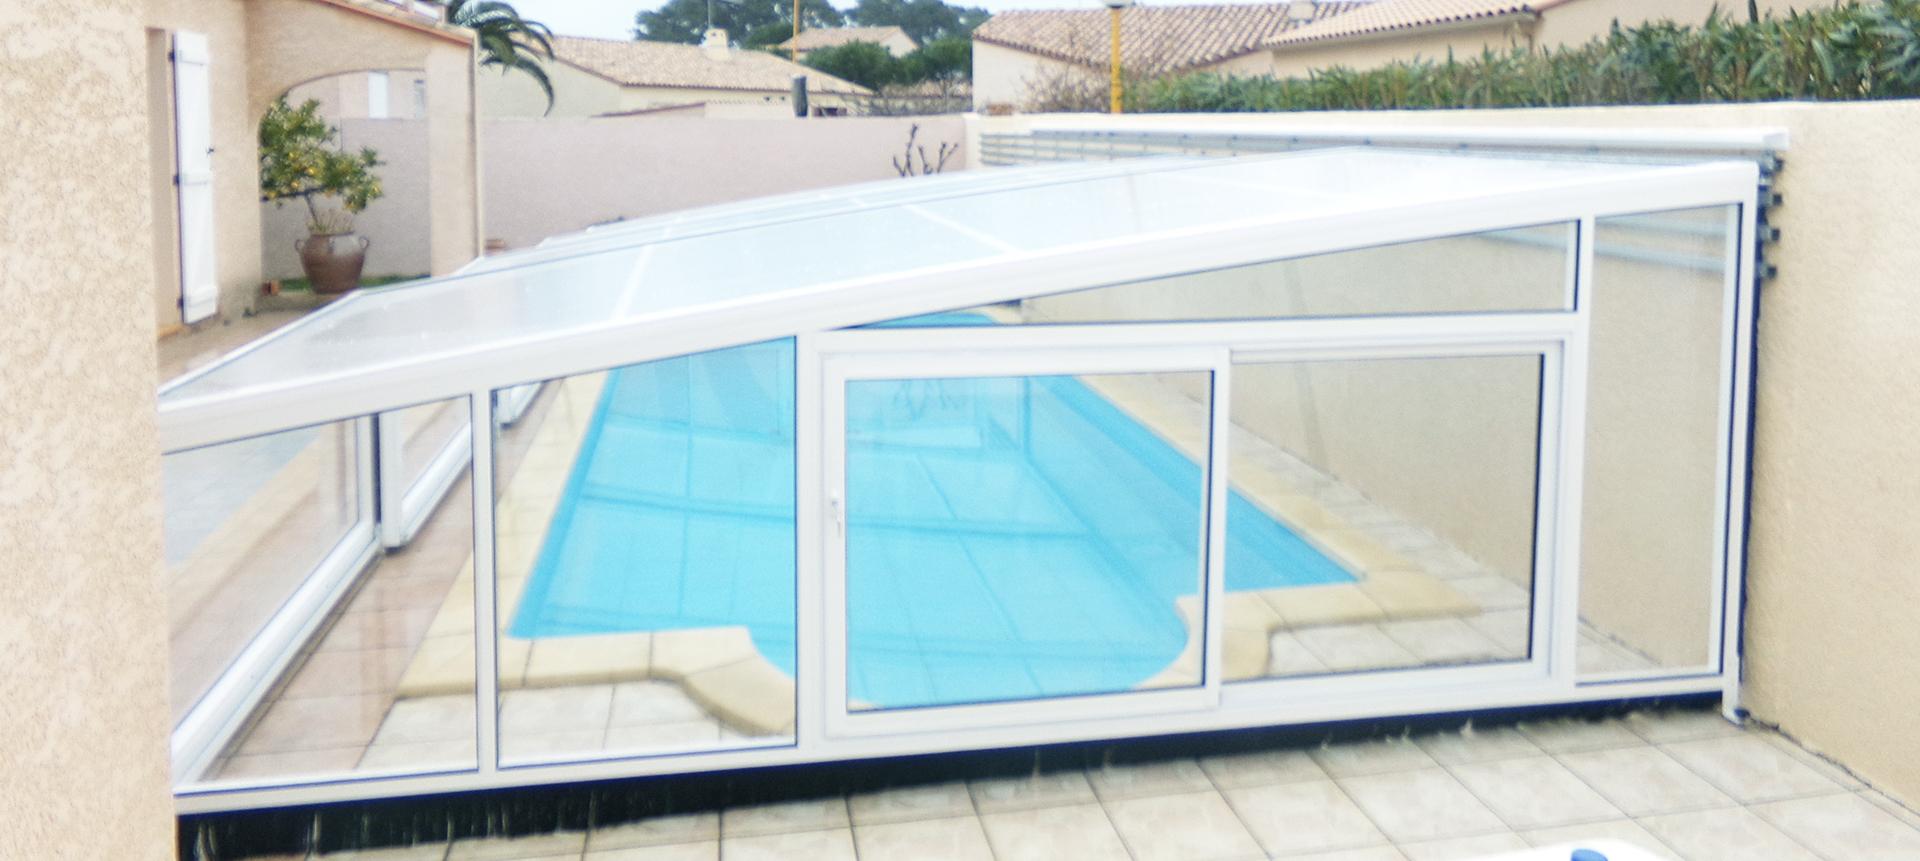 abri piscine adossé modéle dublin par Bel Abri